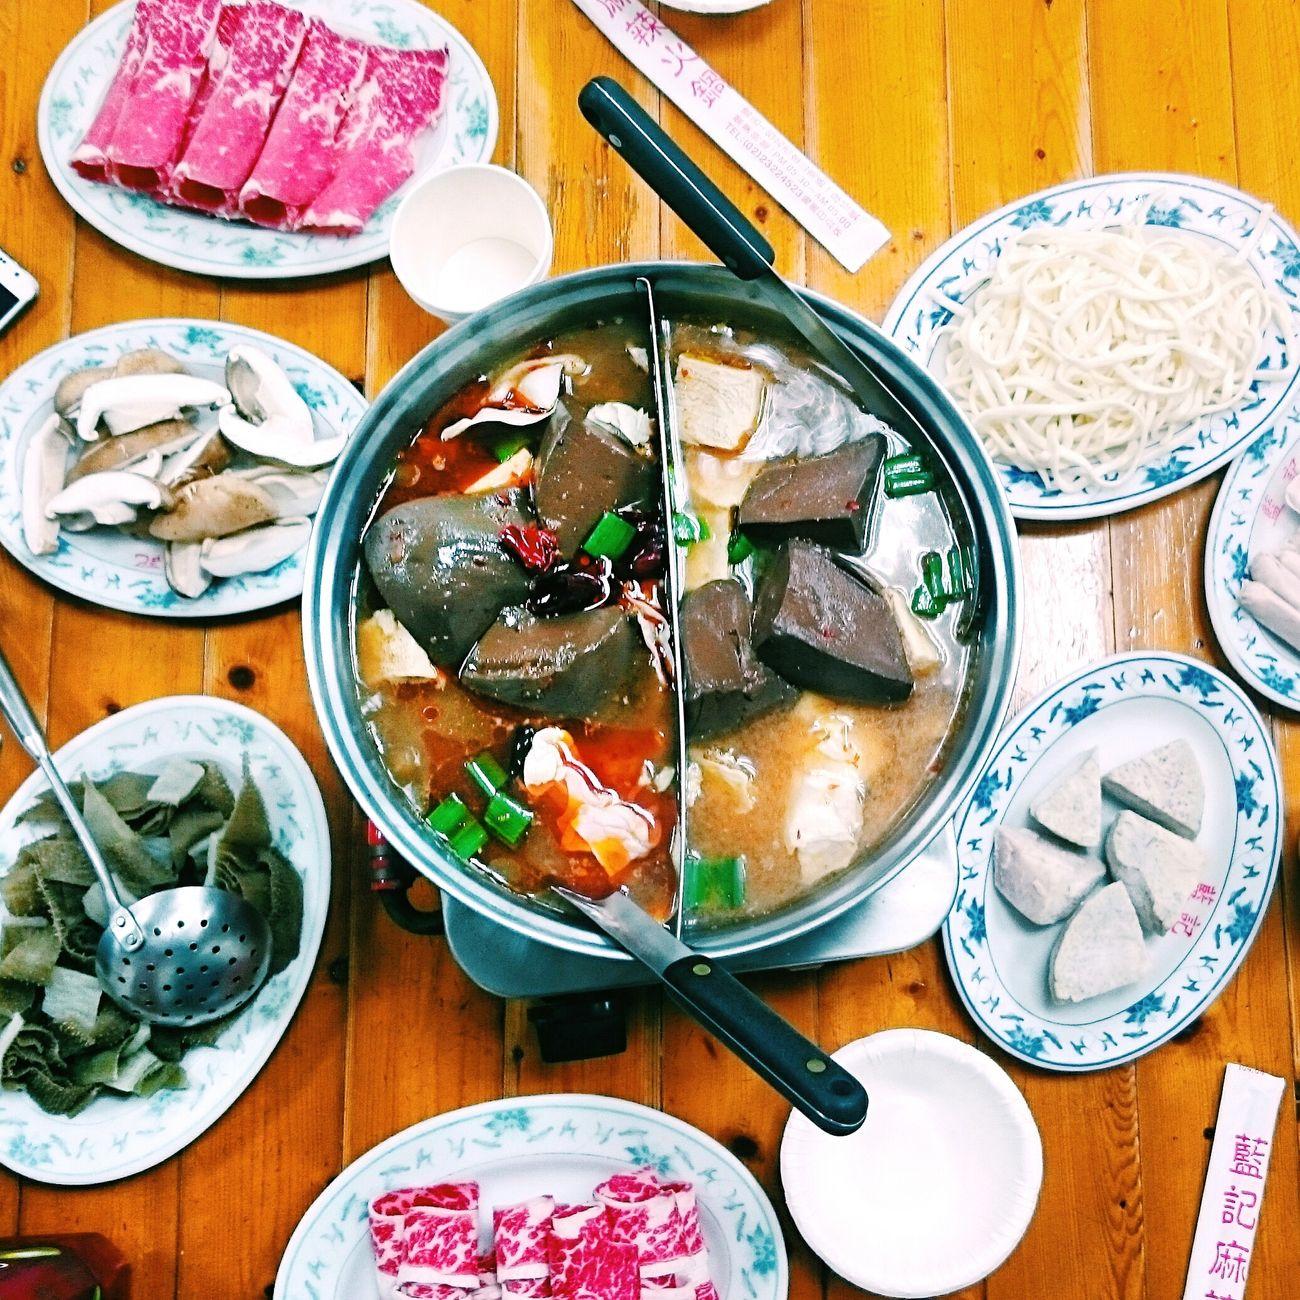 晚餐🍴。 Hot Pot 麻辣鍋